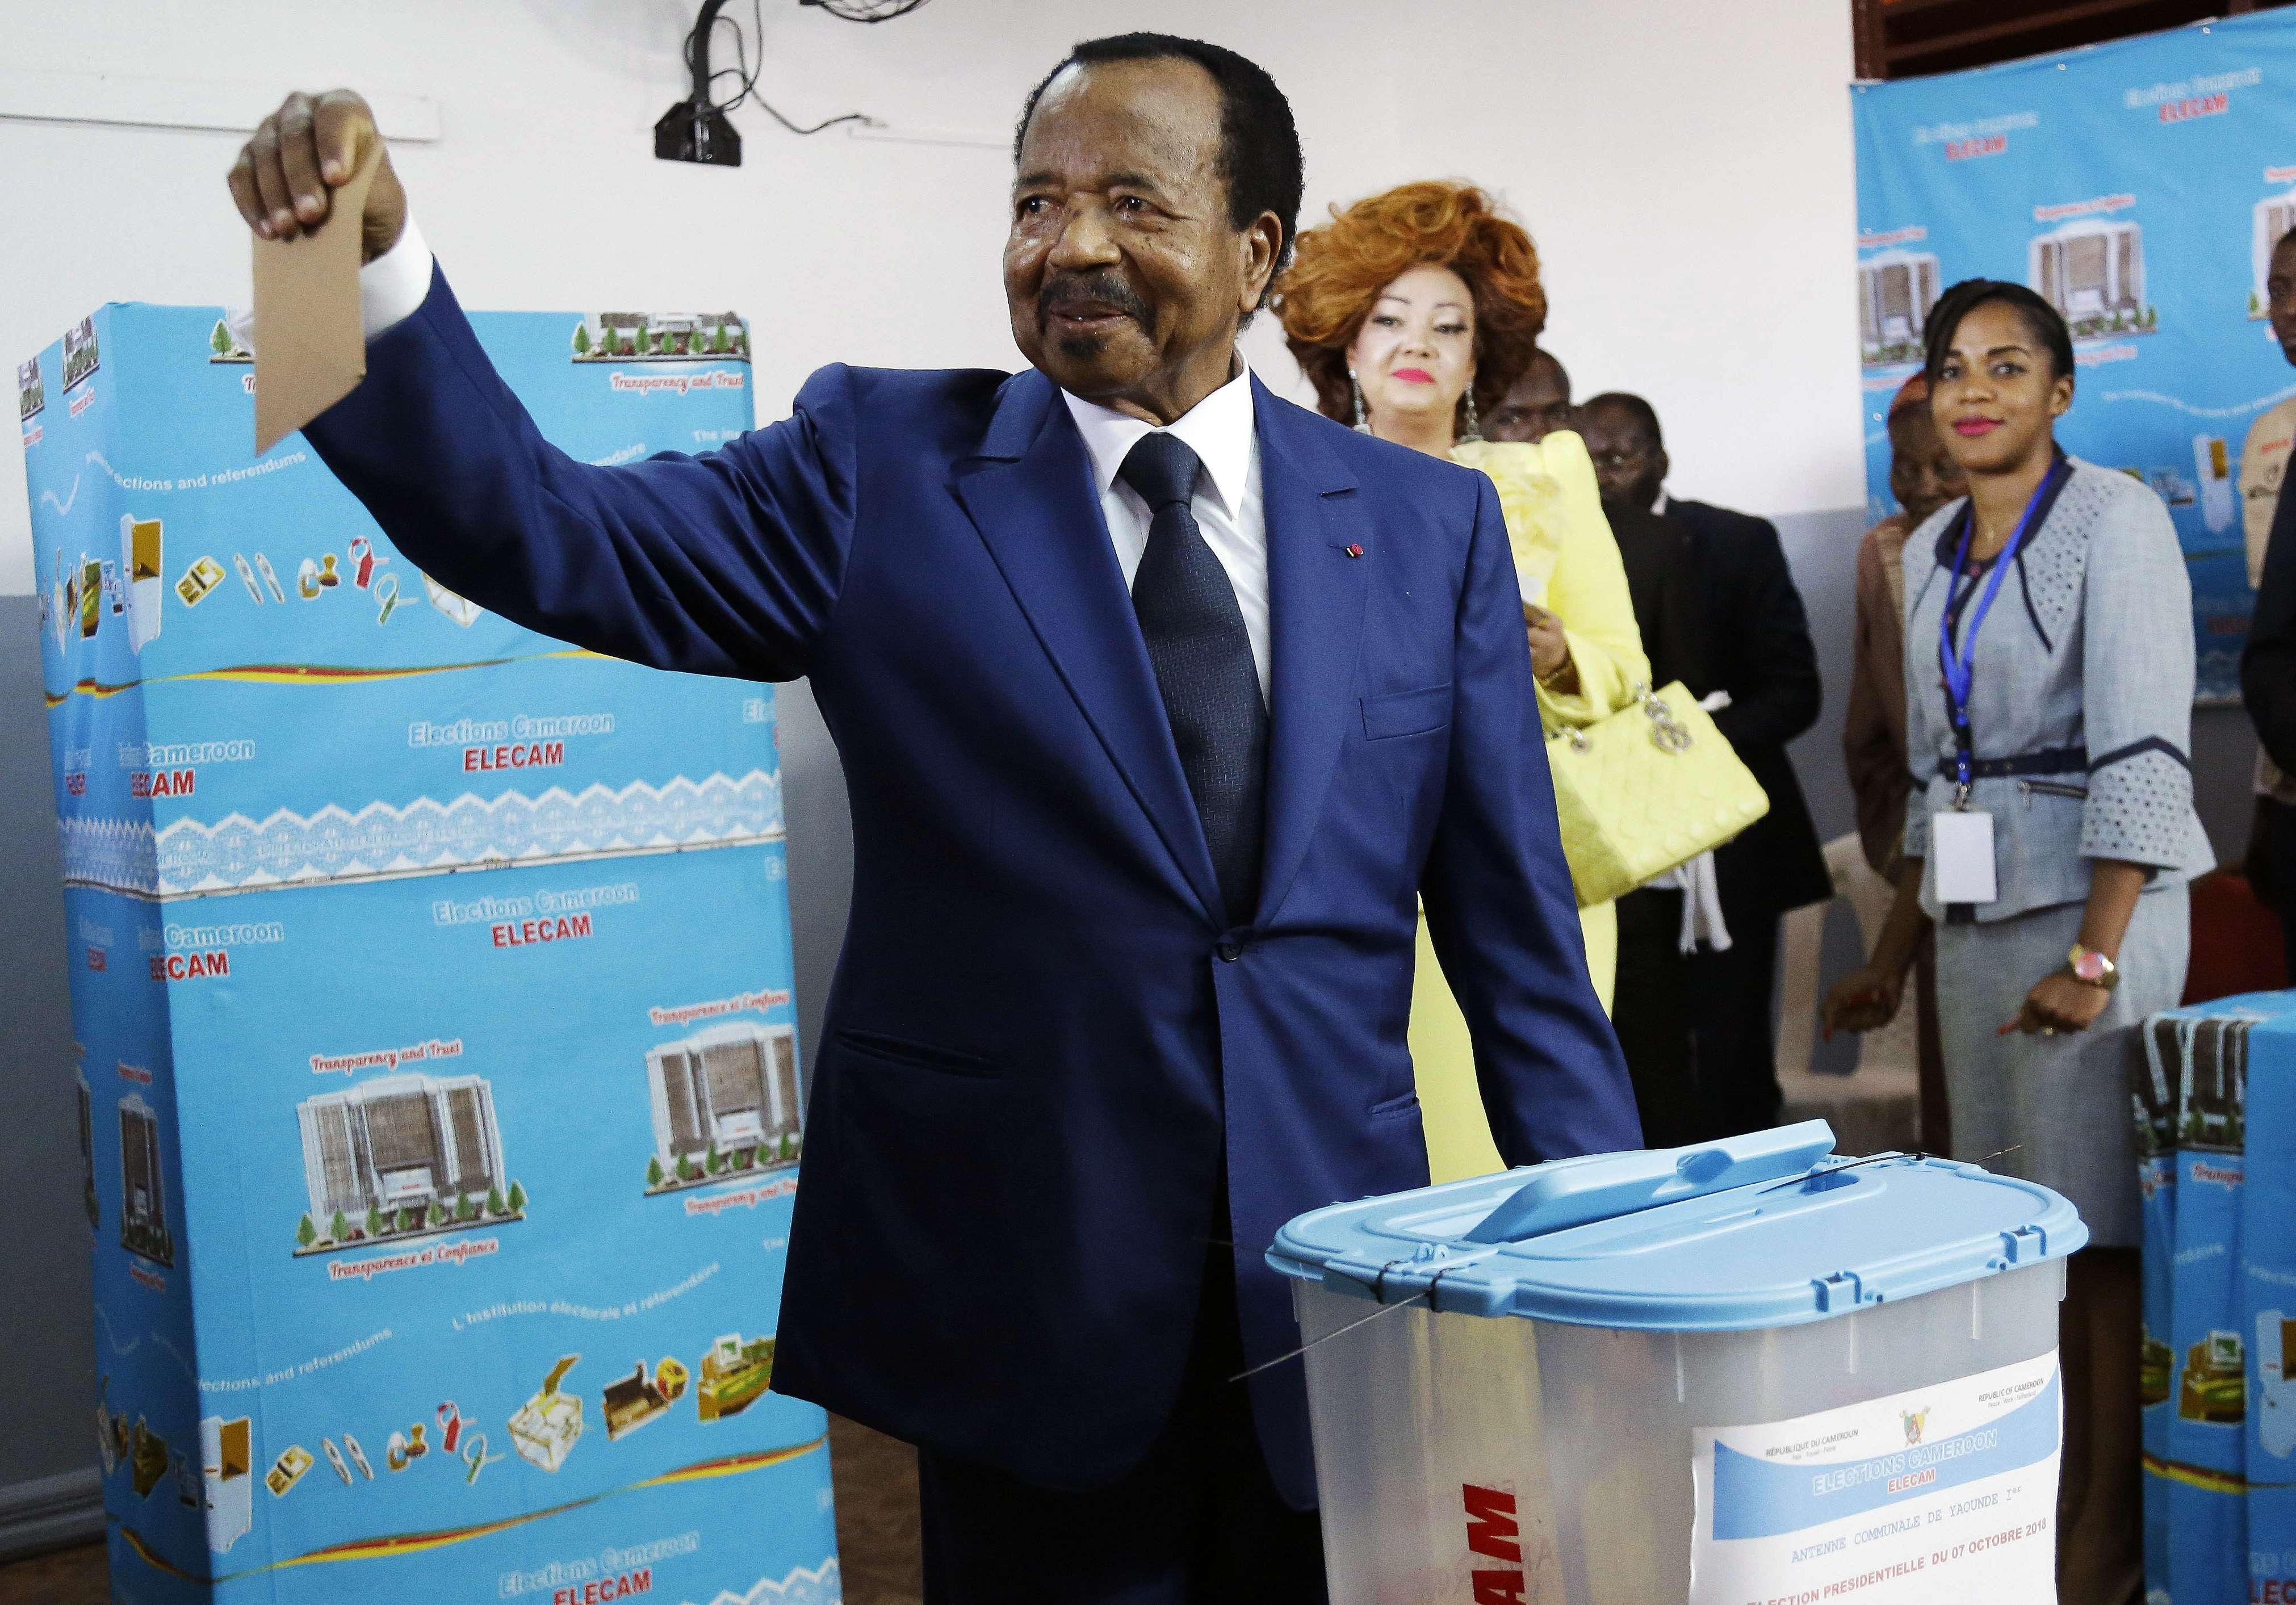 Le président sortant camerounais Paul Biya, votant lors de la présidentielle à Yaoundé, le 7 octobre 2018.